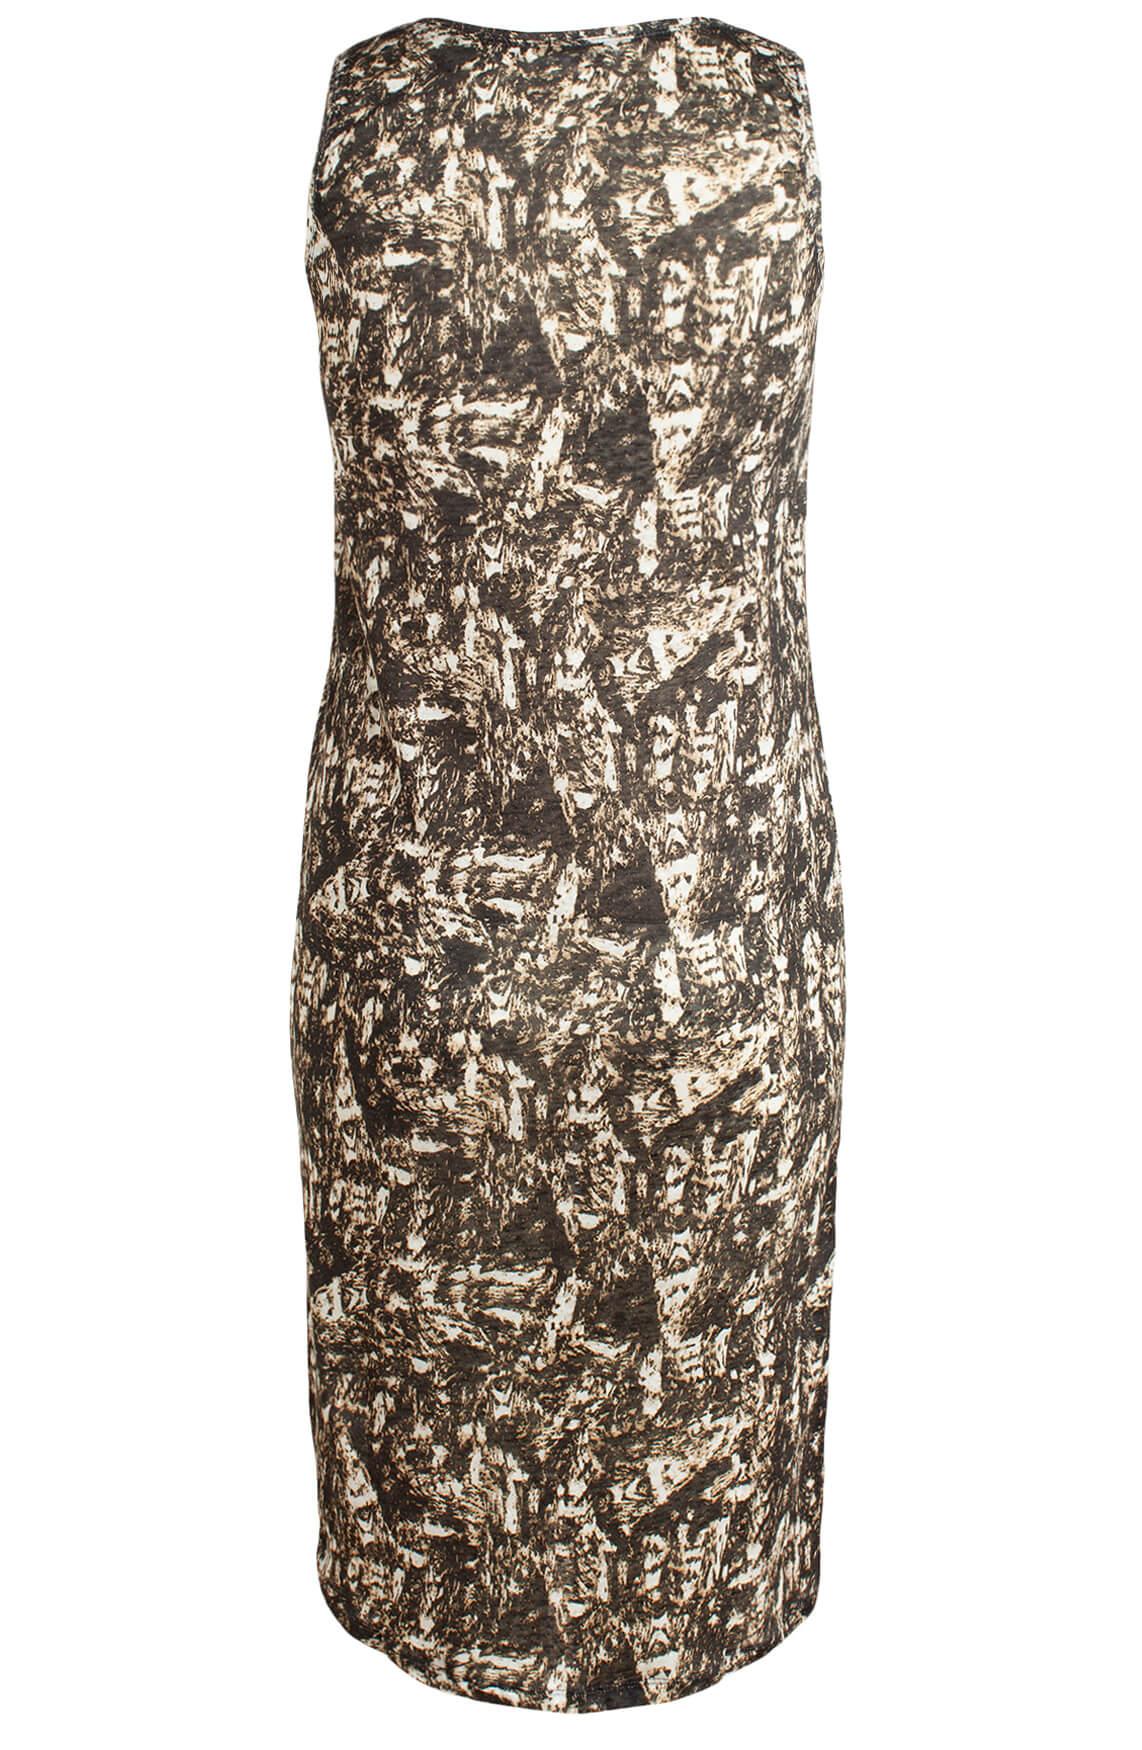 Moscow Dames Linnen jurk zwart